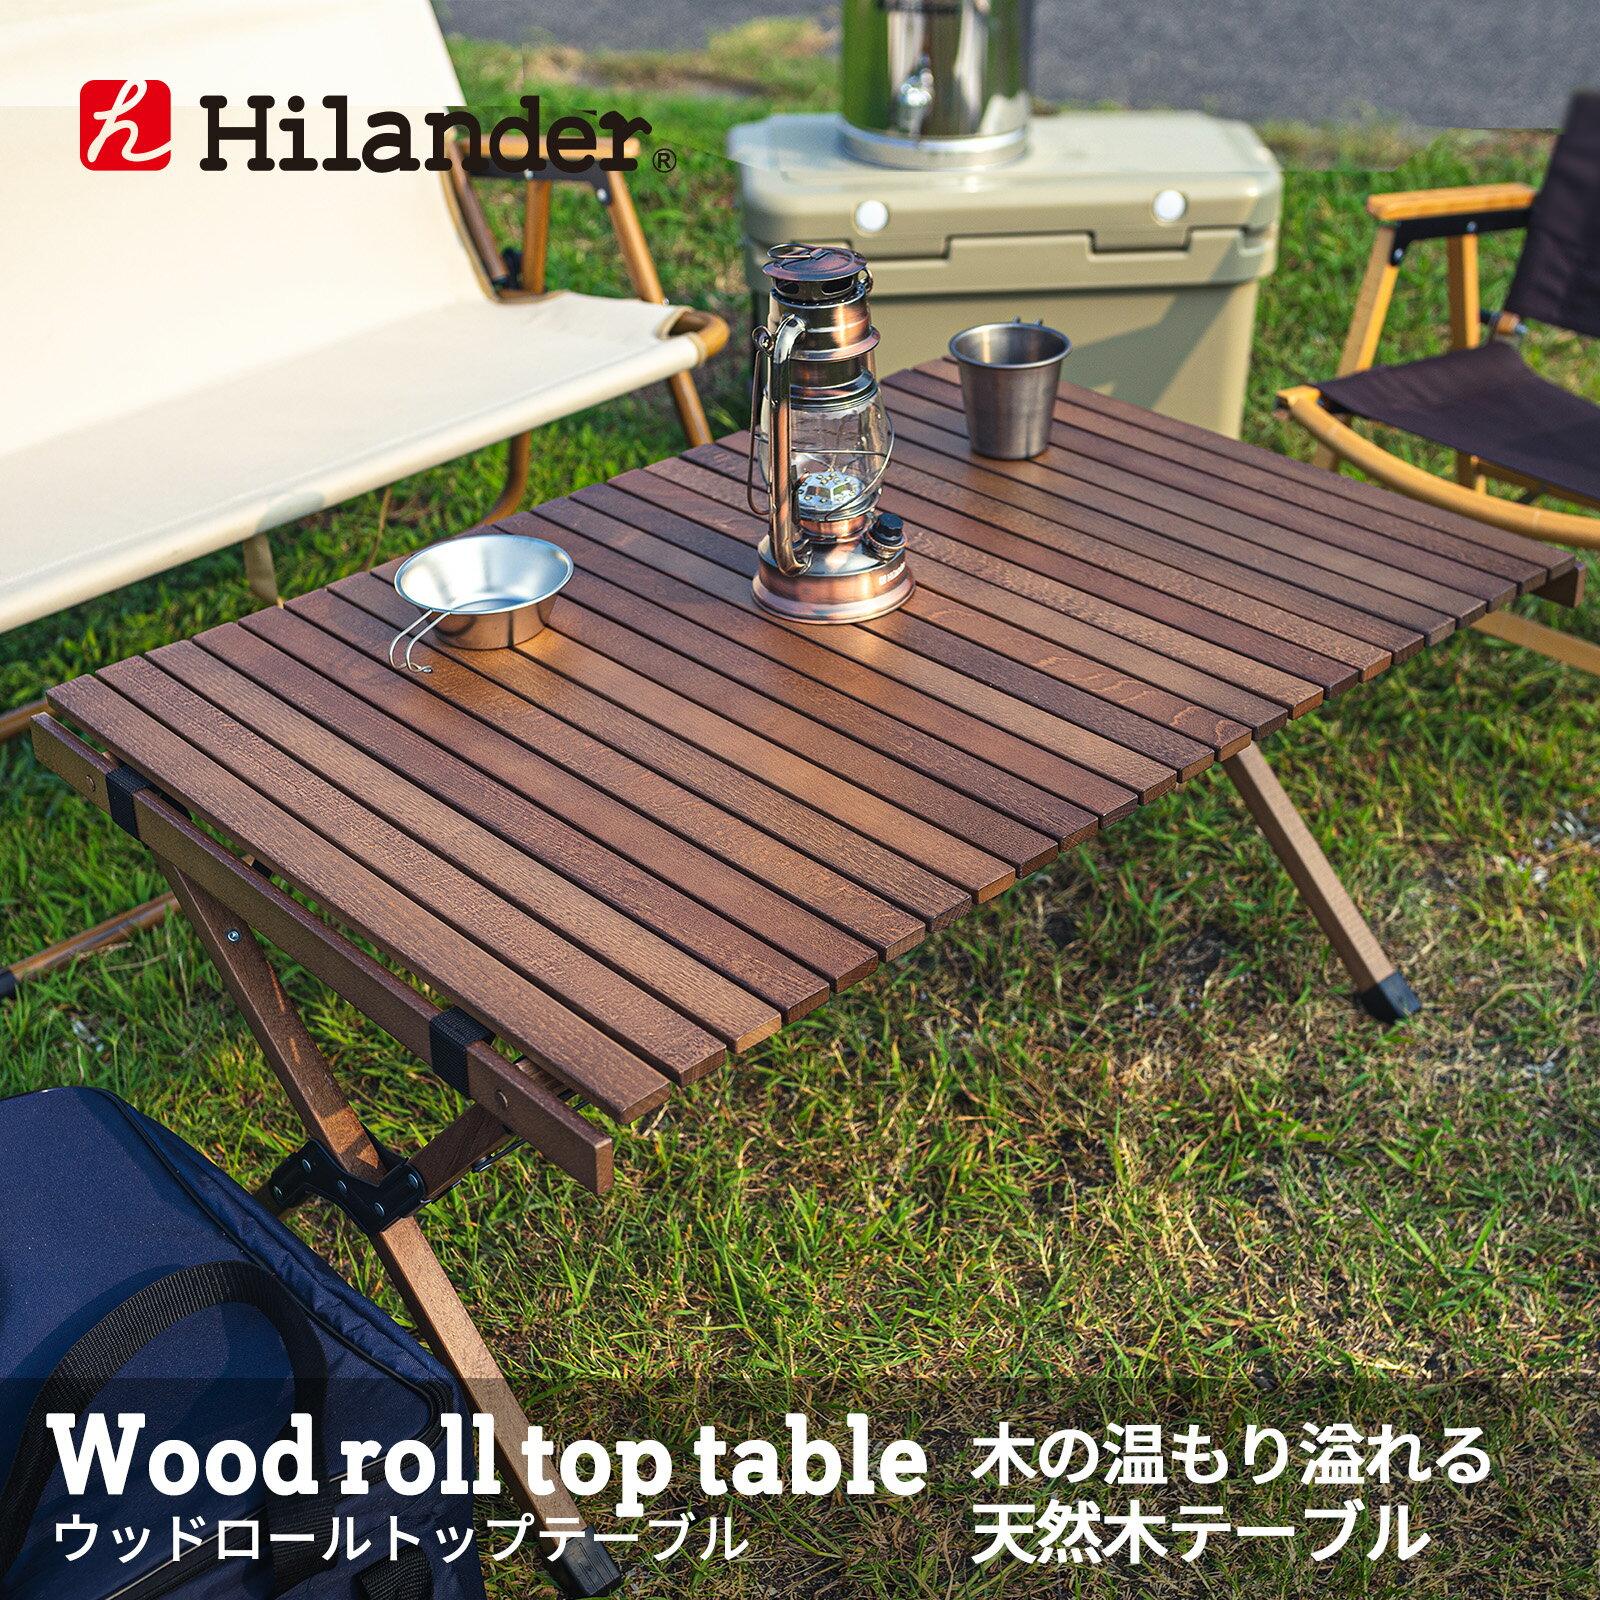 ハイランダー ウッドロールトップテーブル90